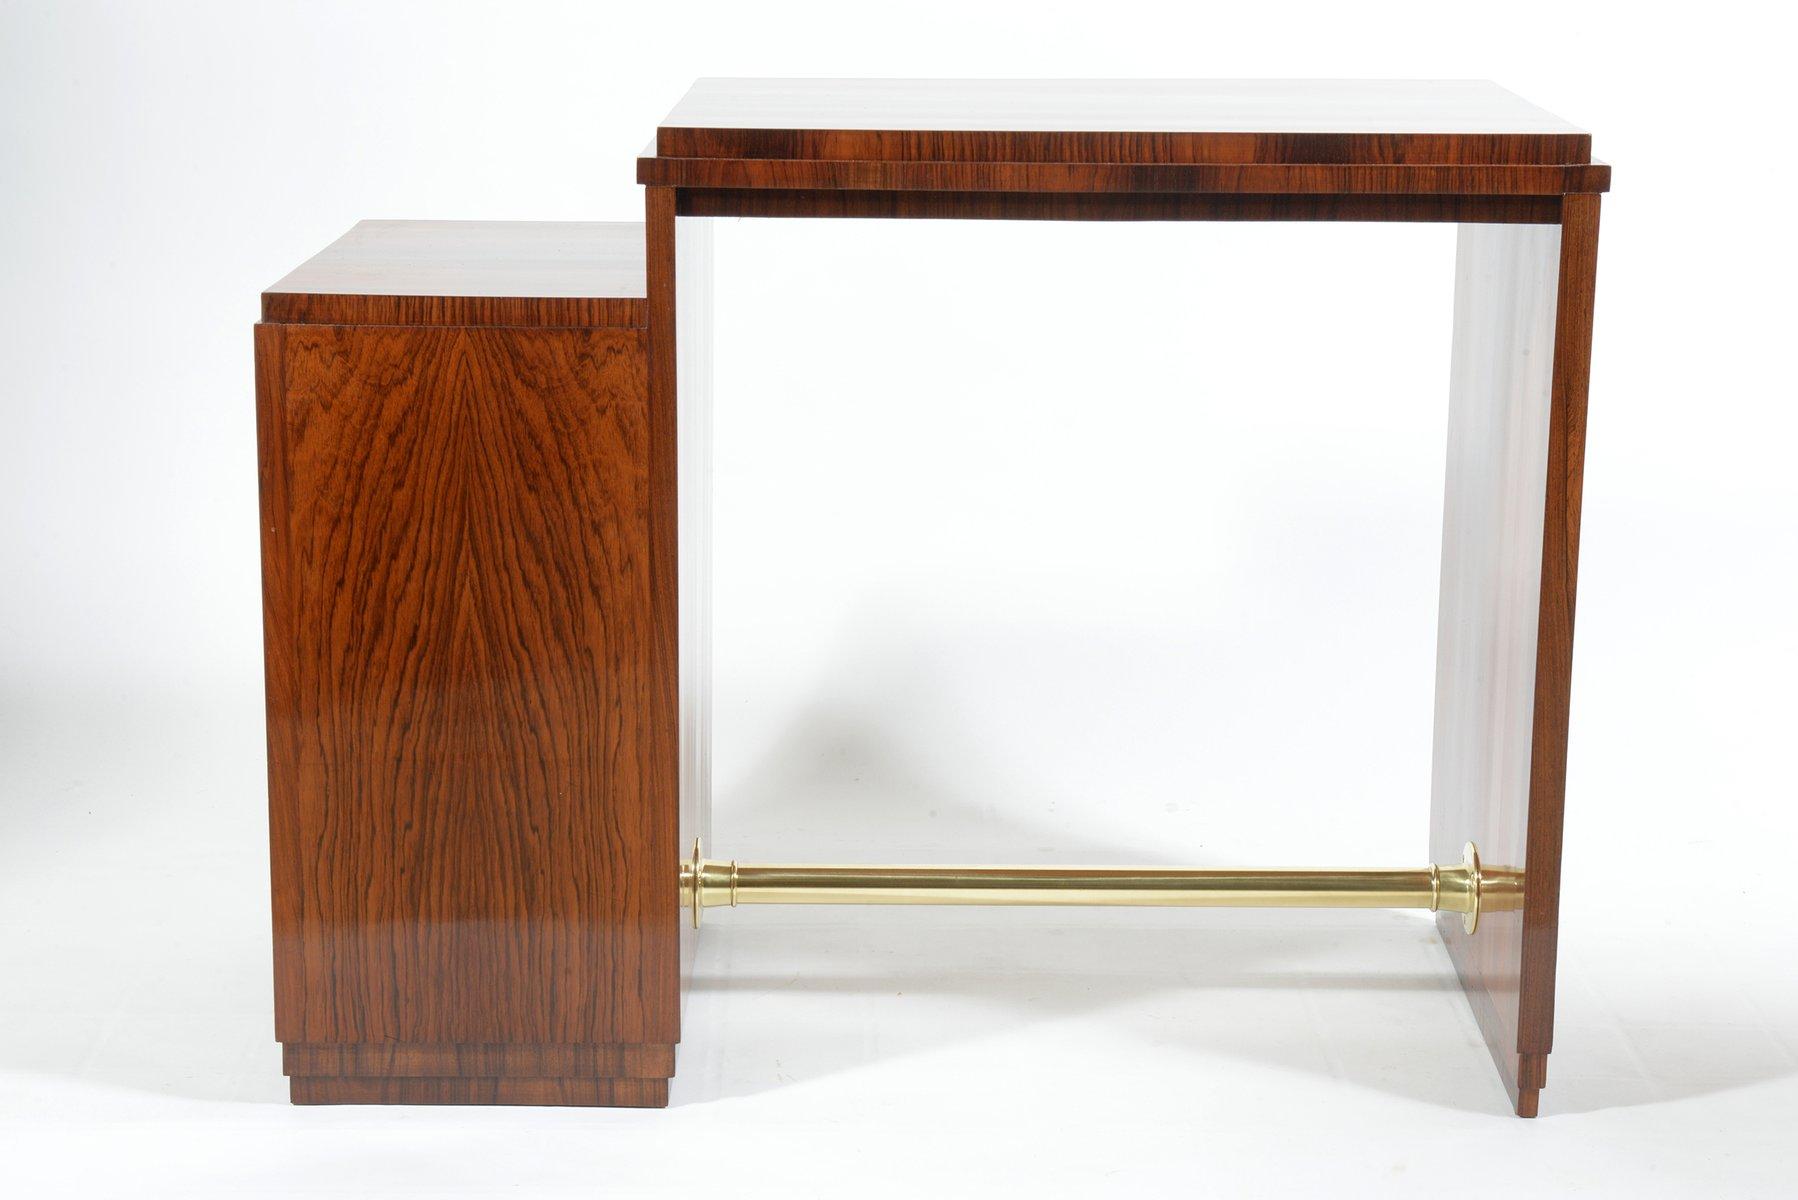 italienischer art deco schreibtisch mit vier schubladen. Black Bedroom Furniture Sets. Home Design Ideas